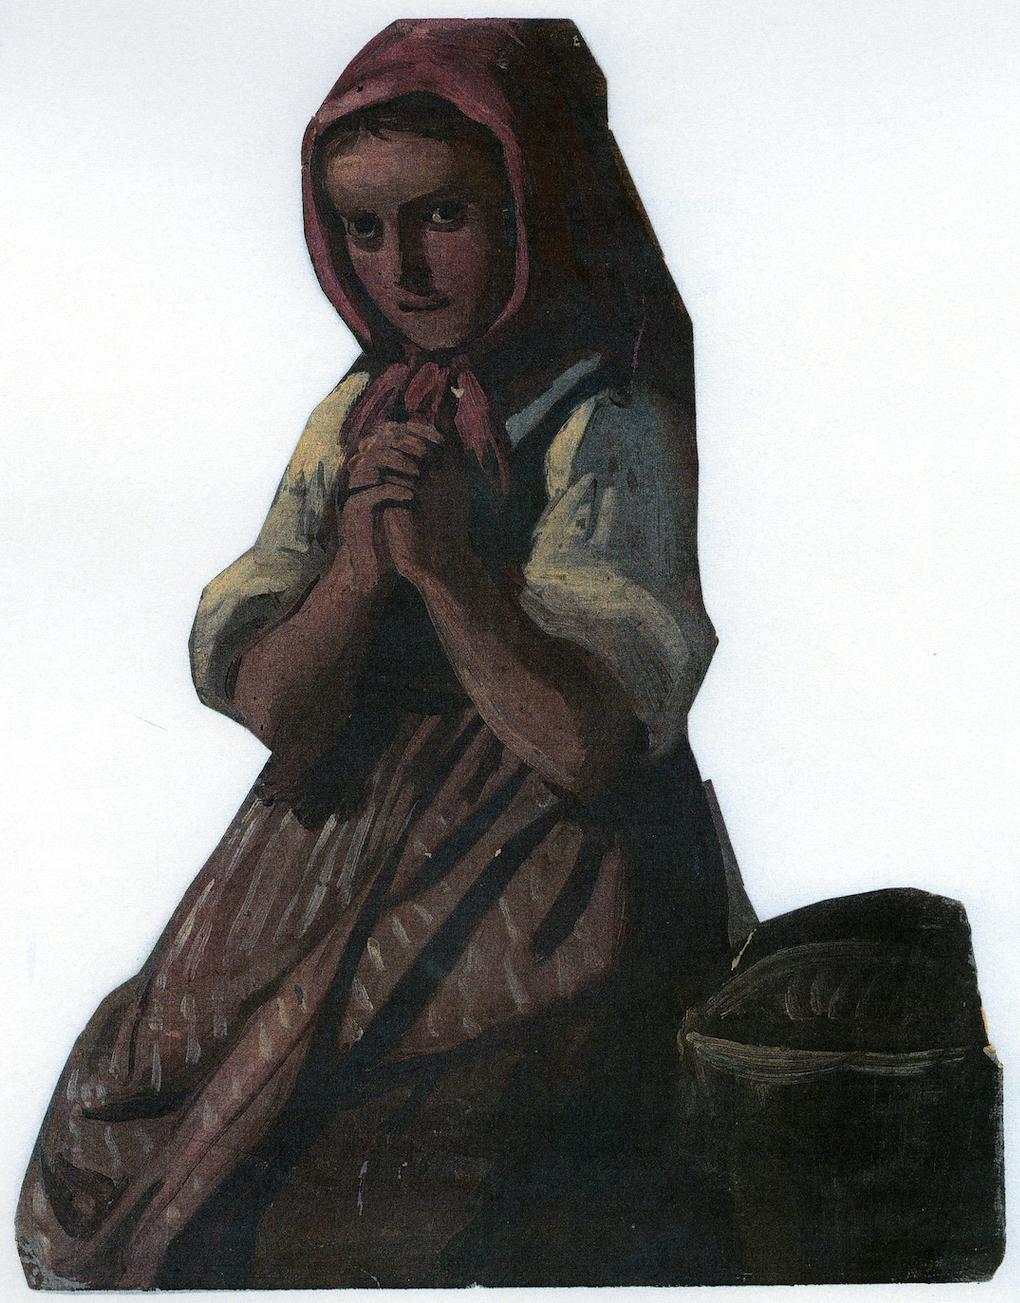 Ludwig Most, Modląca się dziewczynka, 1851, studium postaci do obrazu Wieczorna modlitwa czeskich chłopów, olej na papierze, Muzeum Narodowe w Szczecinie